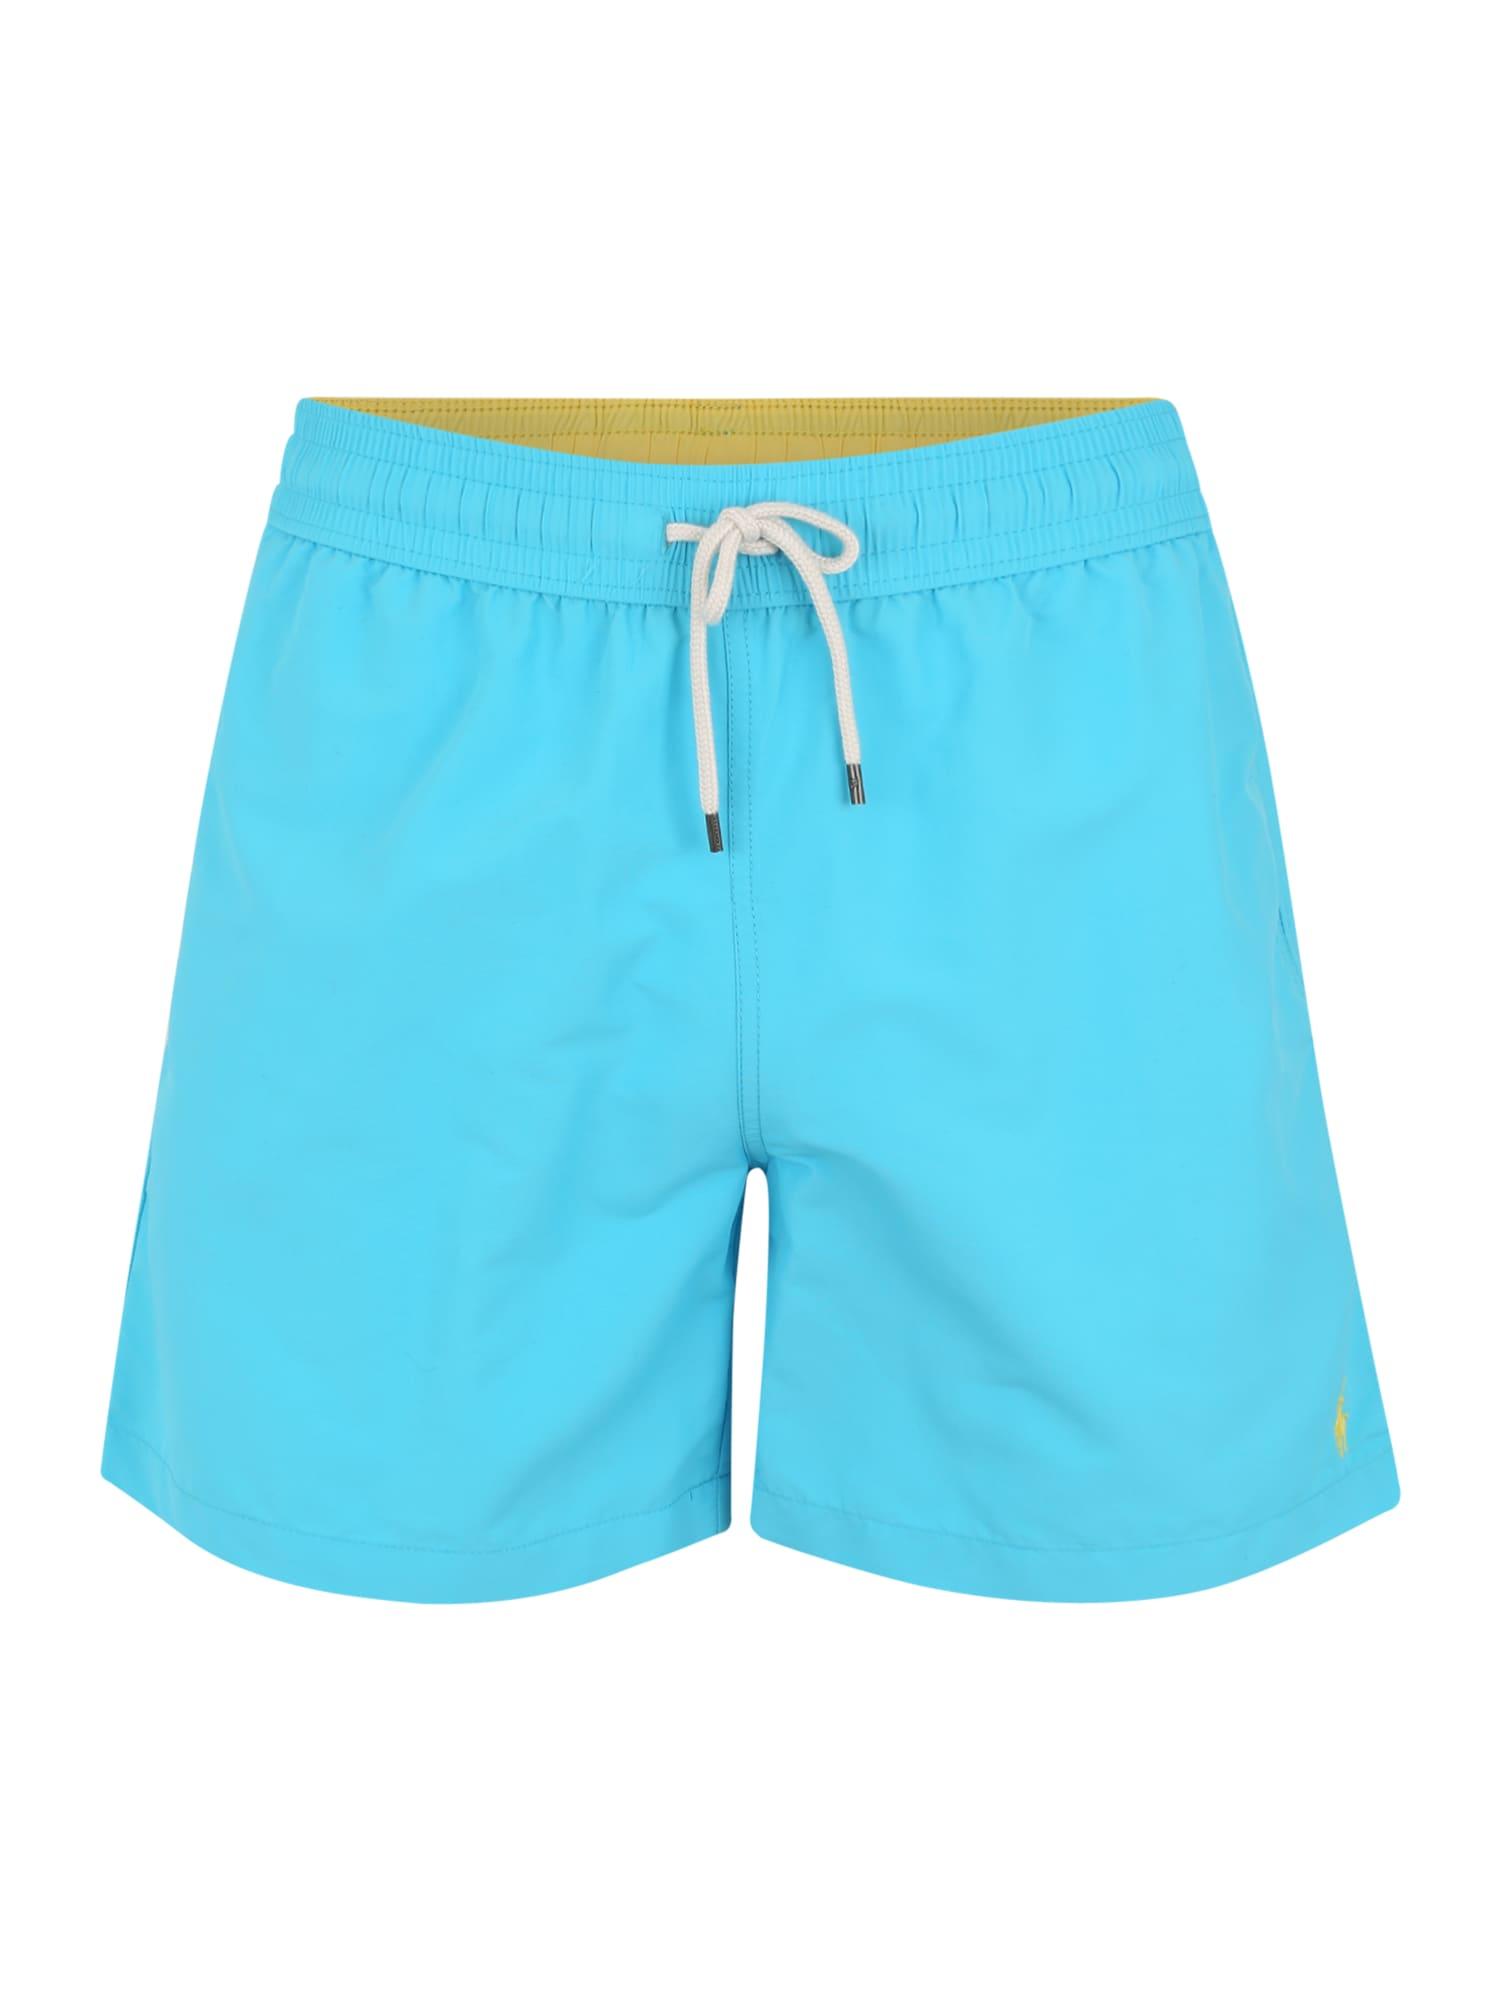 Plavecké šortky TRAVELER-SWIM modrá POLO RALPH LAUREN